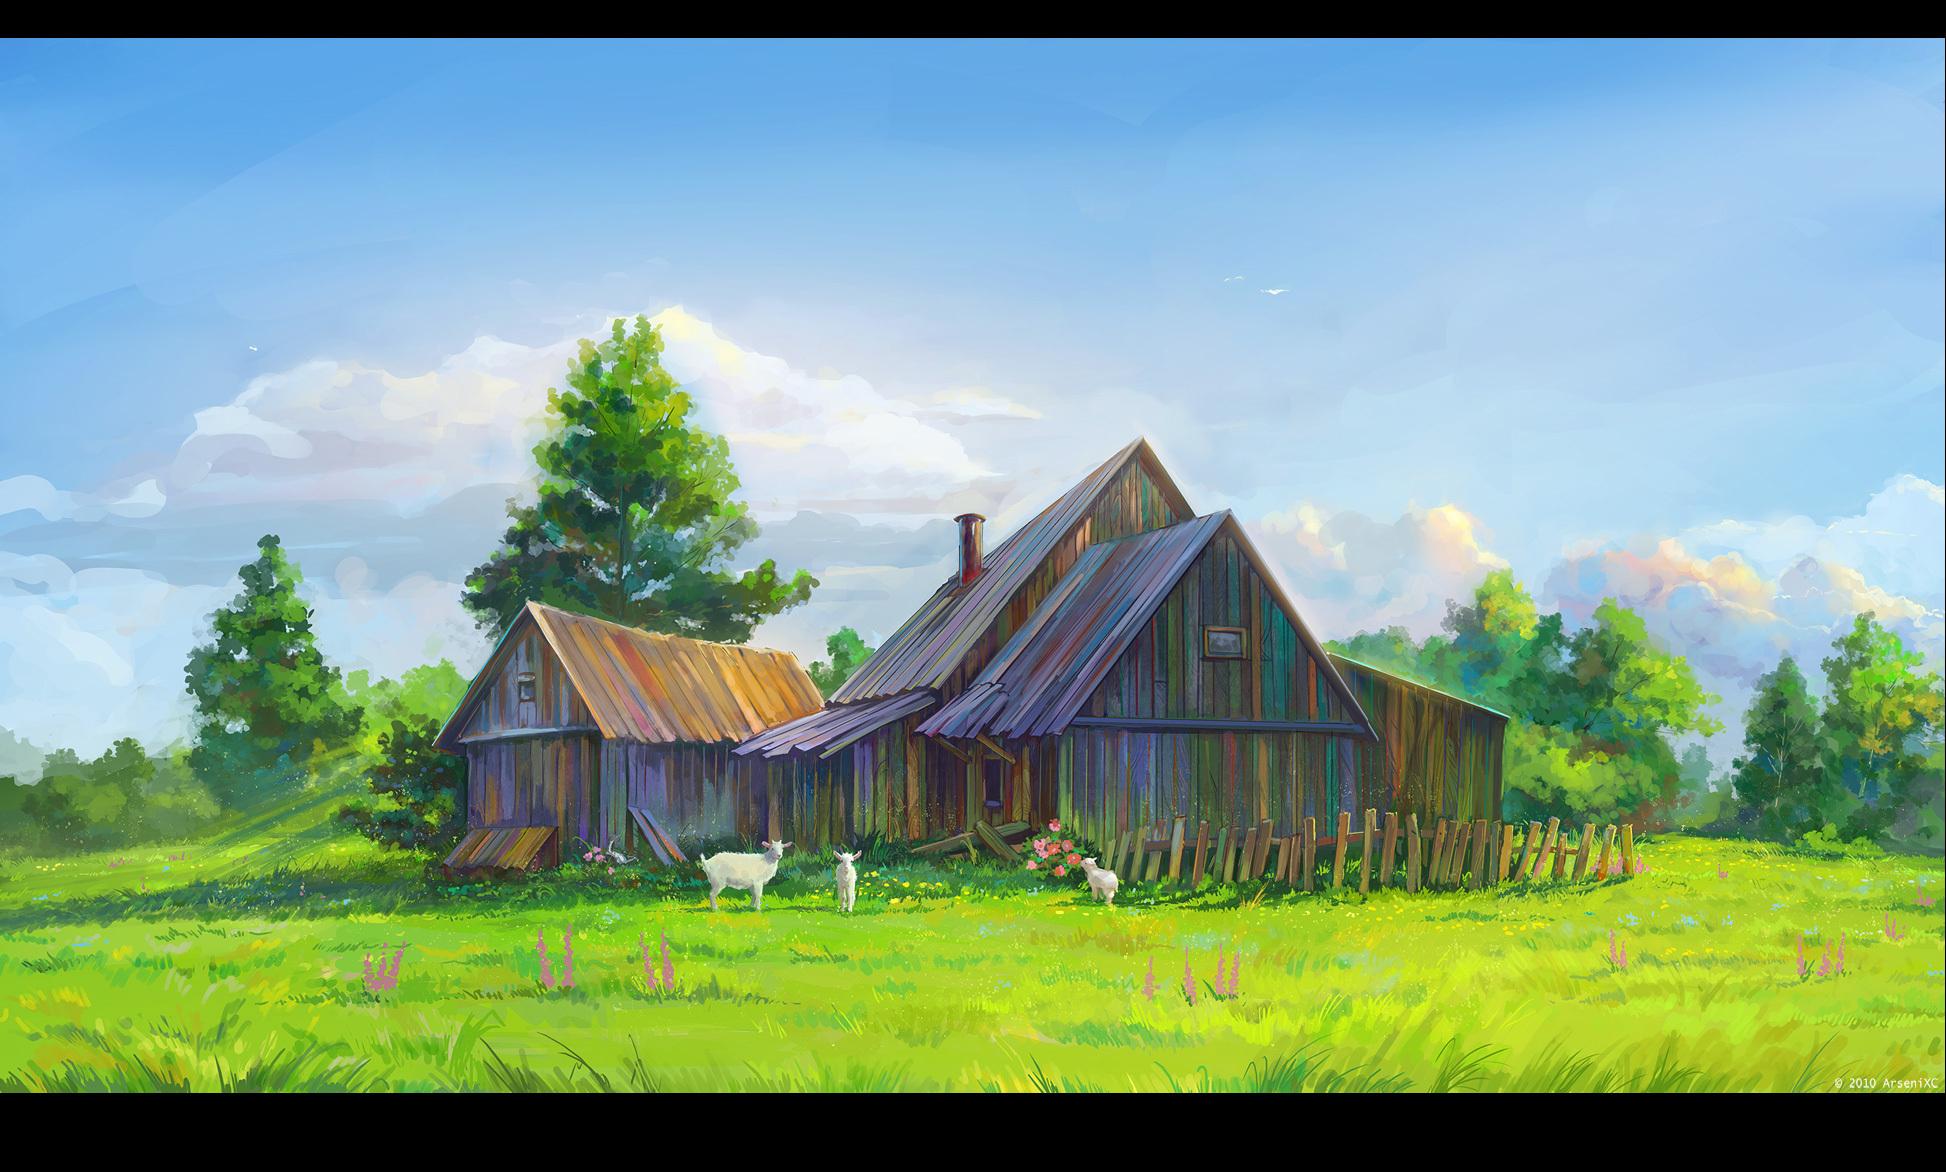 Farm - Zerochan Anime Image Board